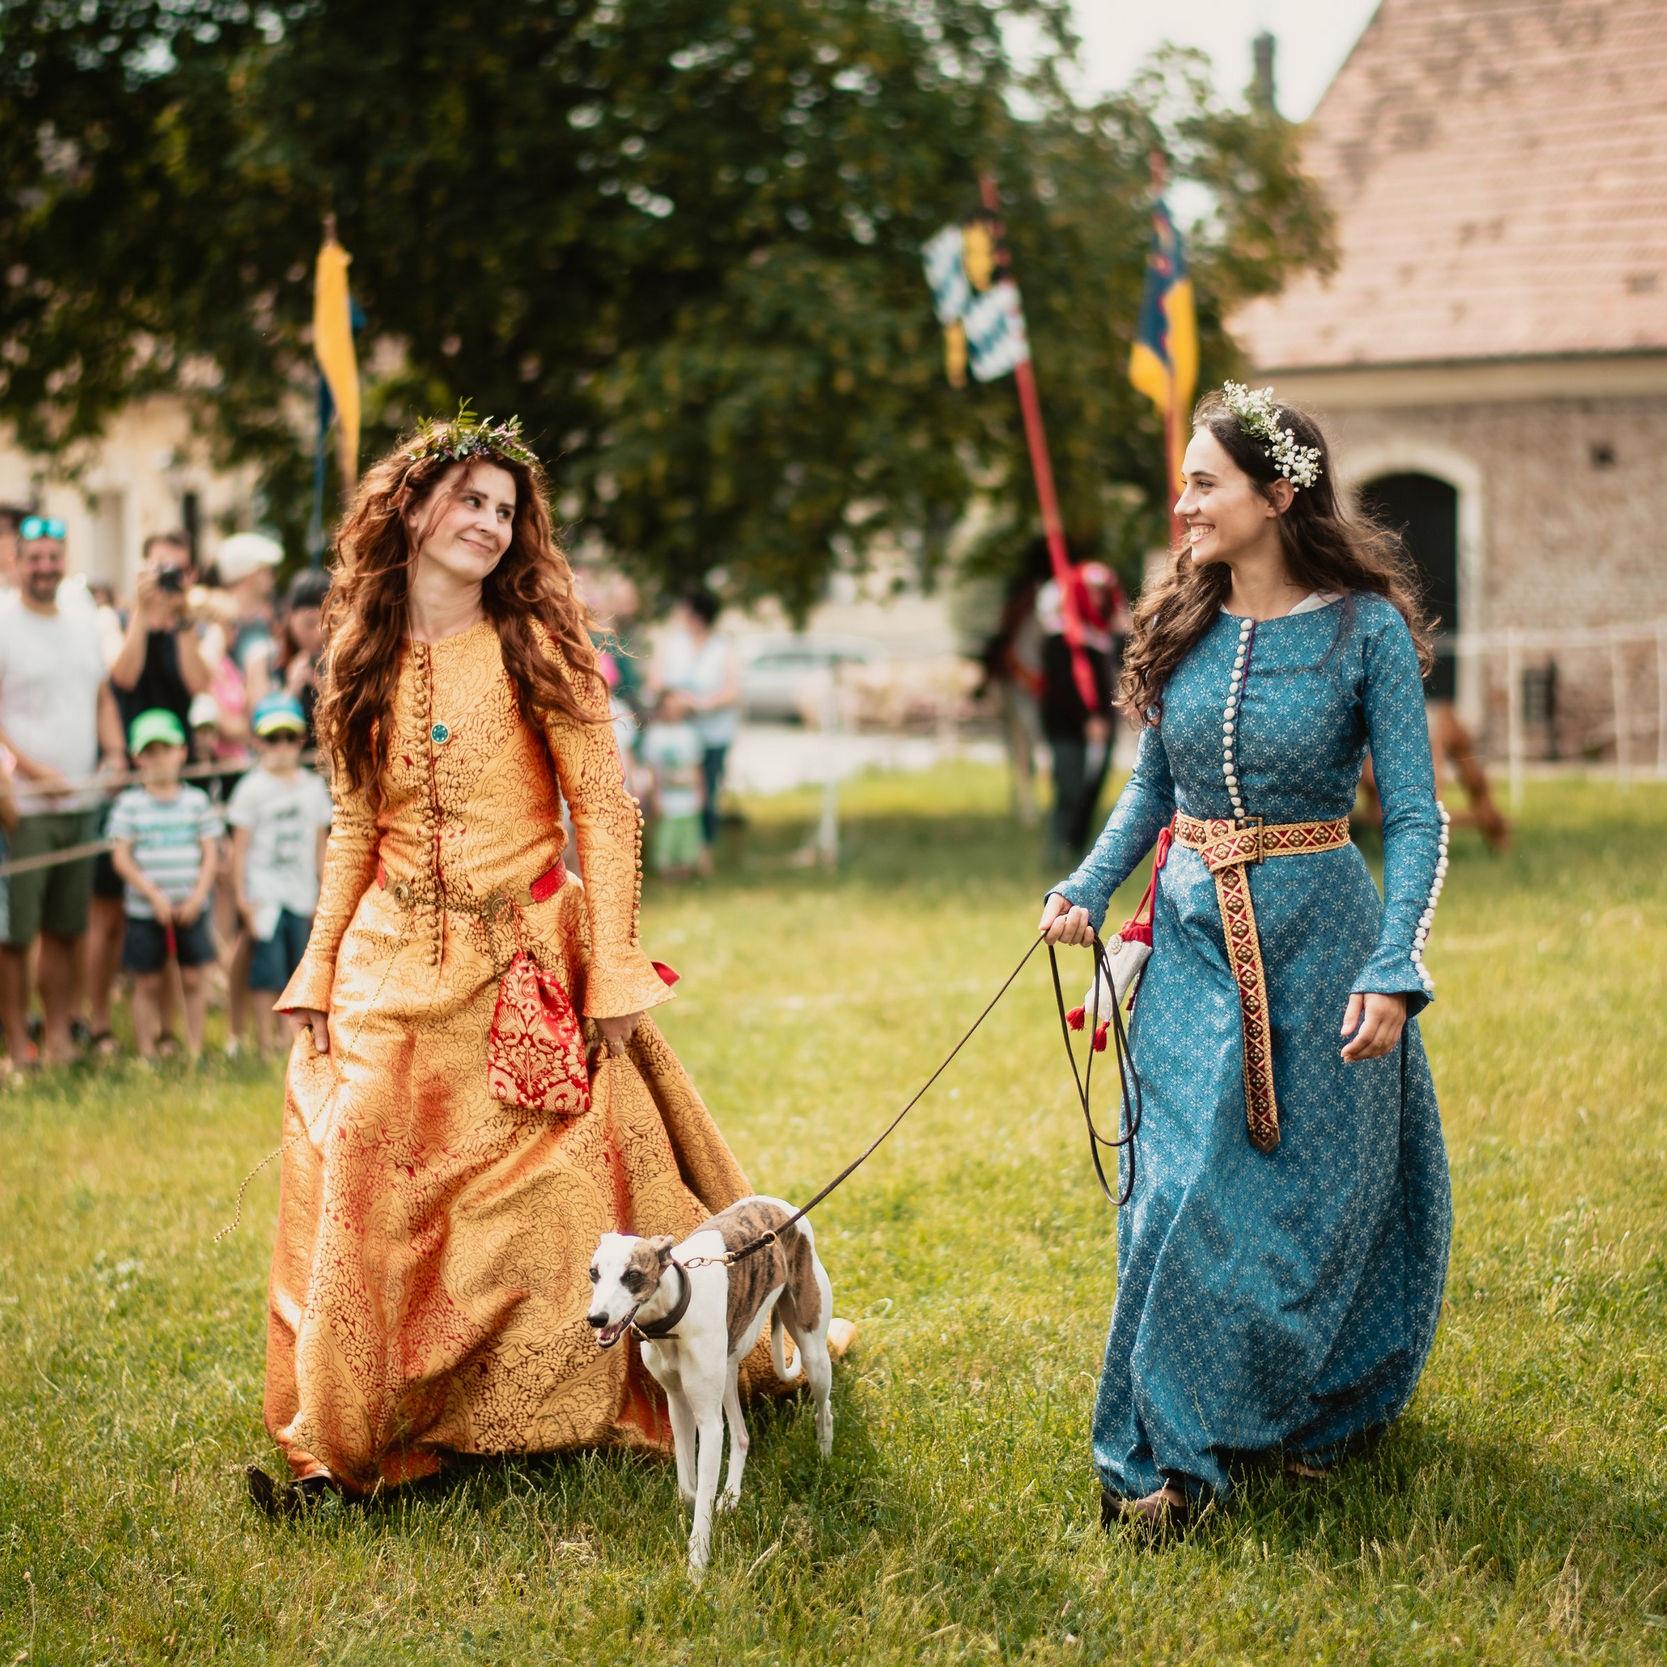 Kostýmy - Antické grécke a rímske kostýmyVikingské kostýmyStredoveké a renesančné kostýmy Kostýmy 17. storočieTematické a rozprávkové kostýmy Iné